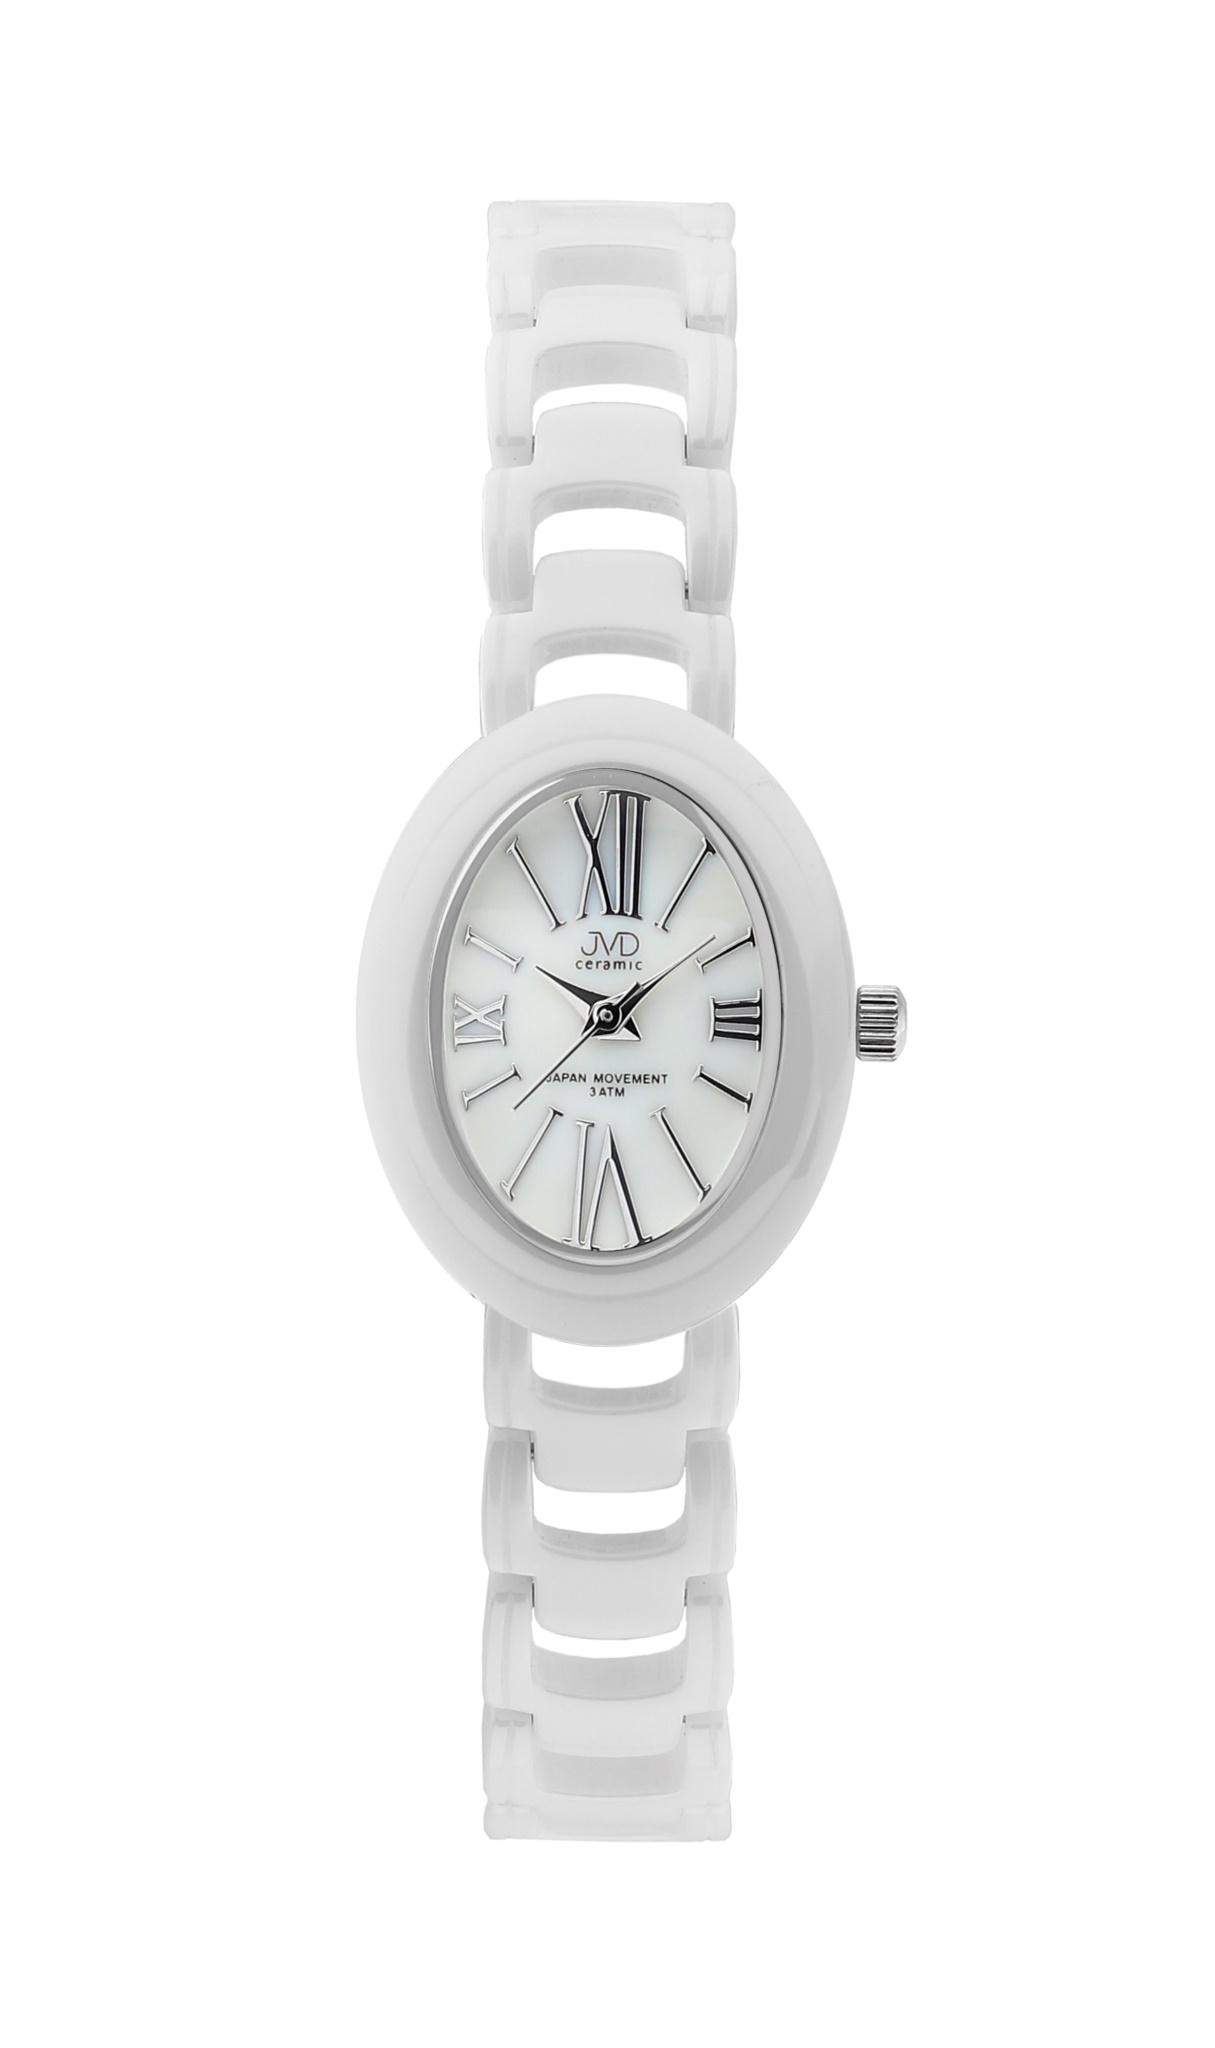 Luxusní keramické dámské náramkové bílé hodinky JVD ceramic J6010.3 ... 101a75bfe6c